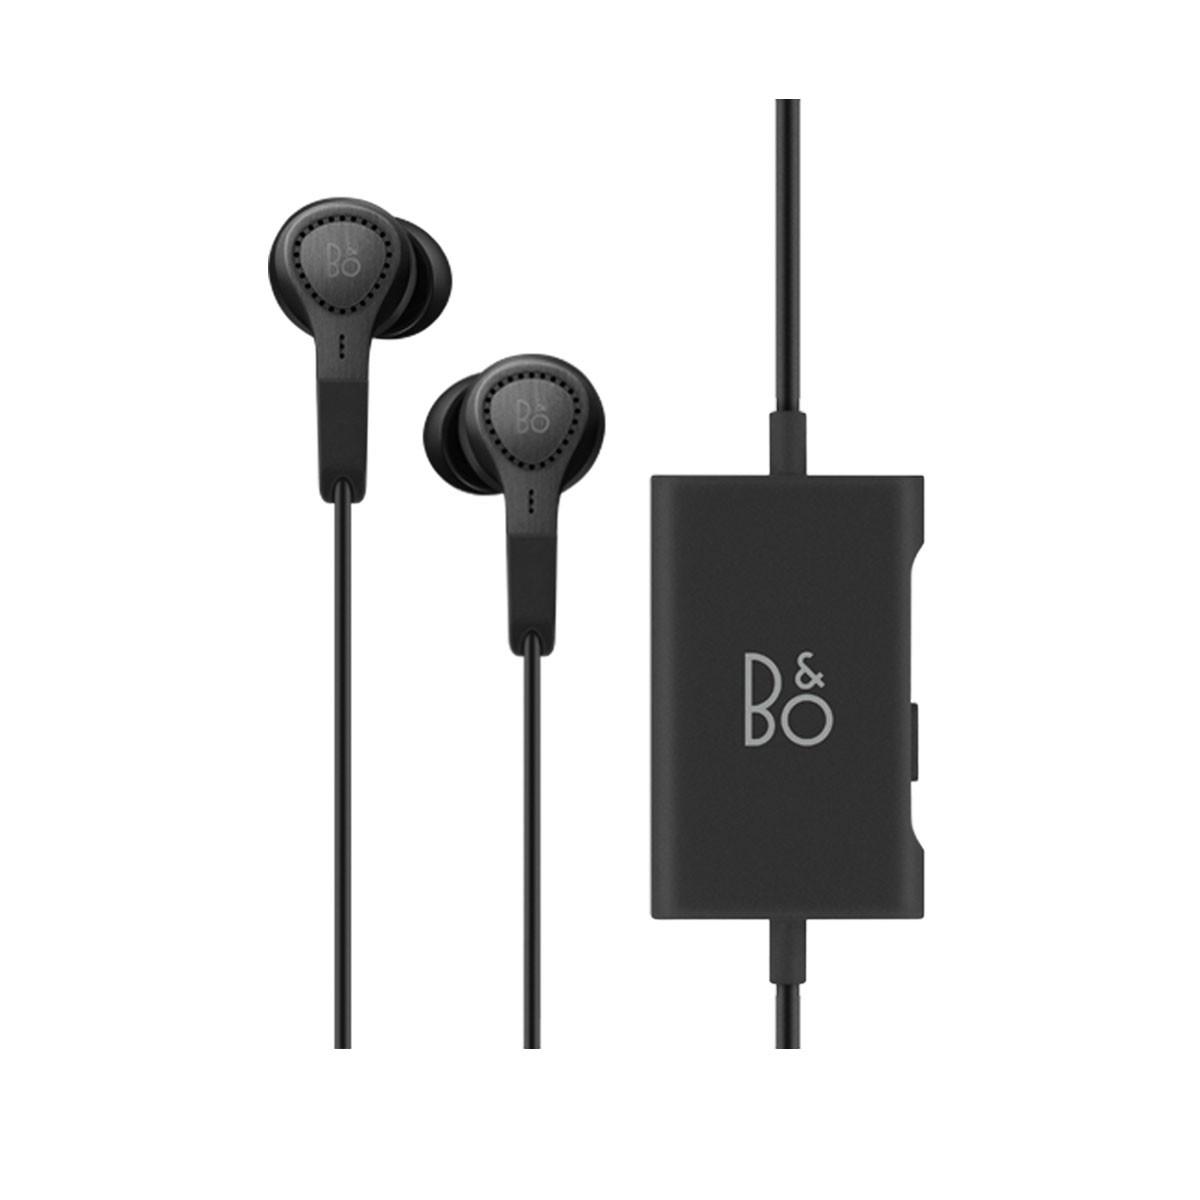 Черни слушалки тип тапи Beoplay E4 от B&O